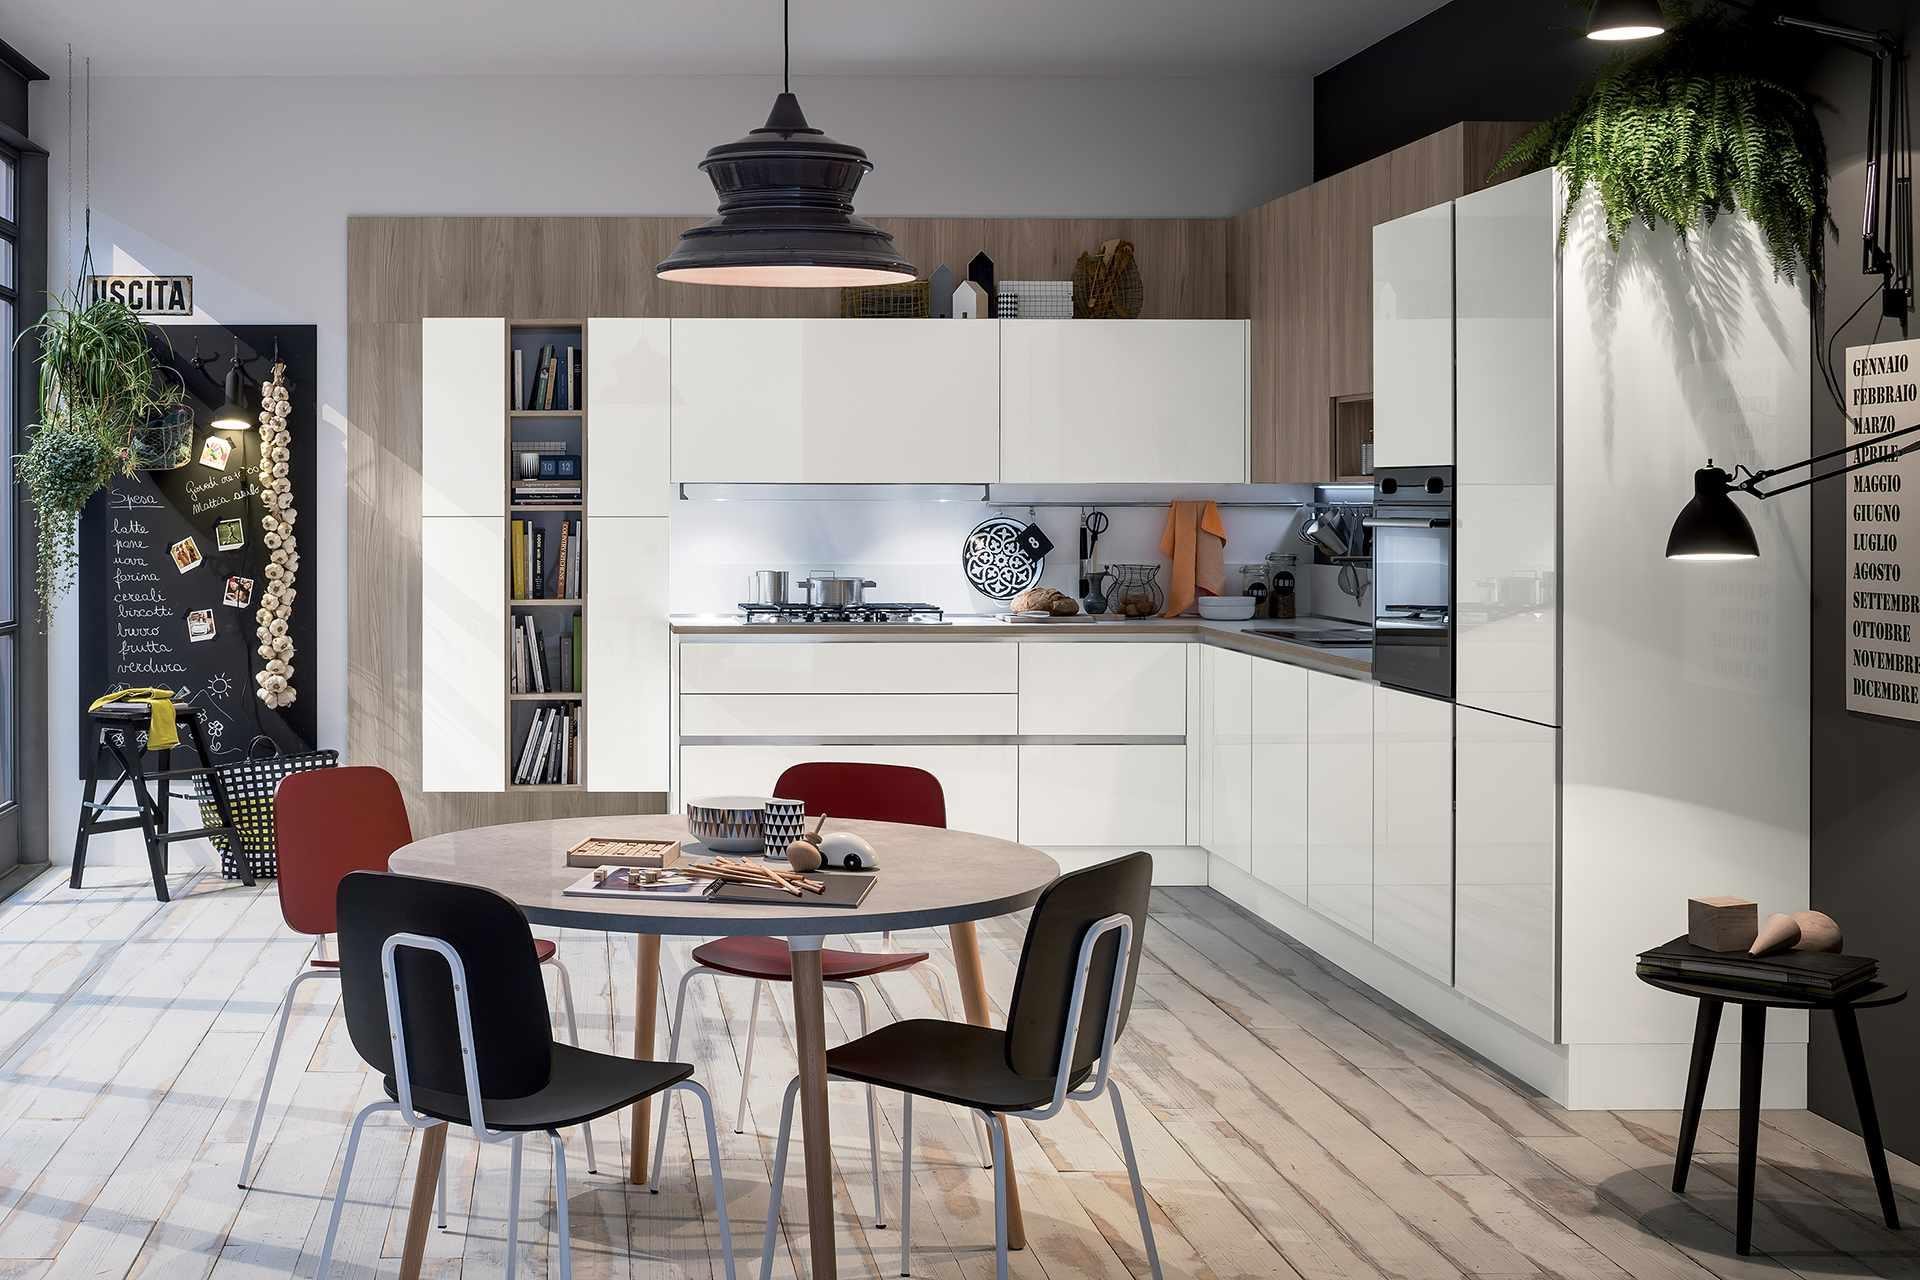 Pitturare Pareti Della Cucina : Dipingere le pareti della cucina colori pareti come dipingere le